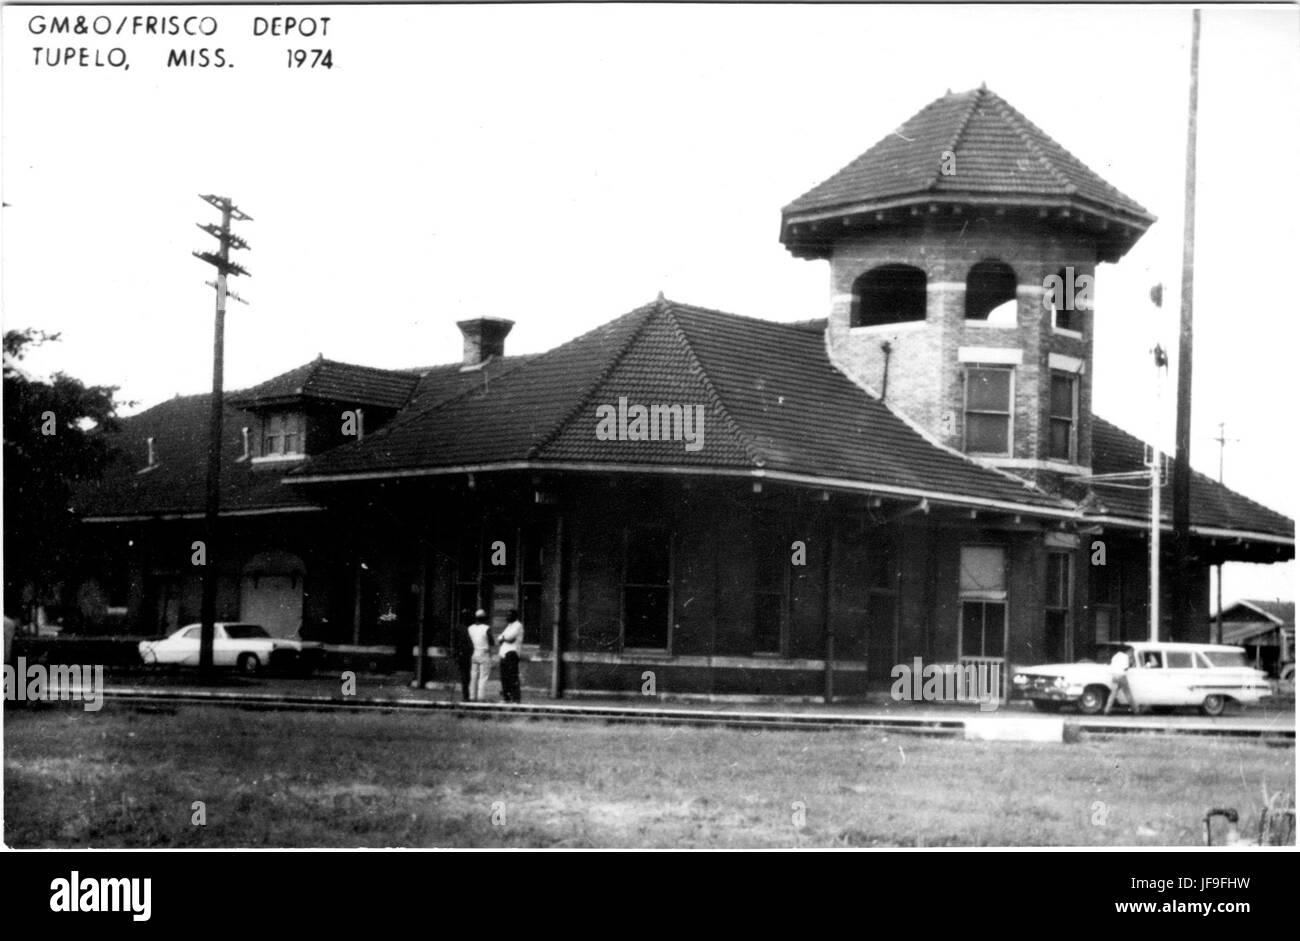 G M and O, Frisco Depot, Tupelo, Miss 1974 30810440913 o - Stock Image